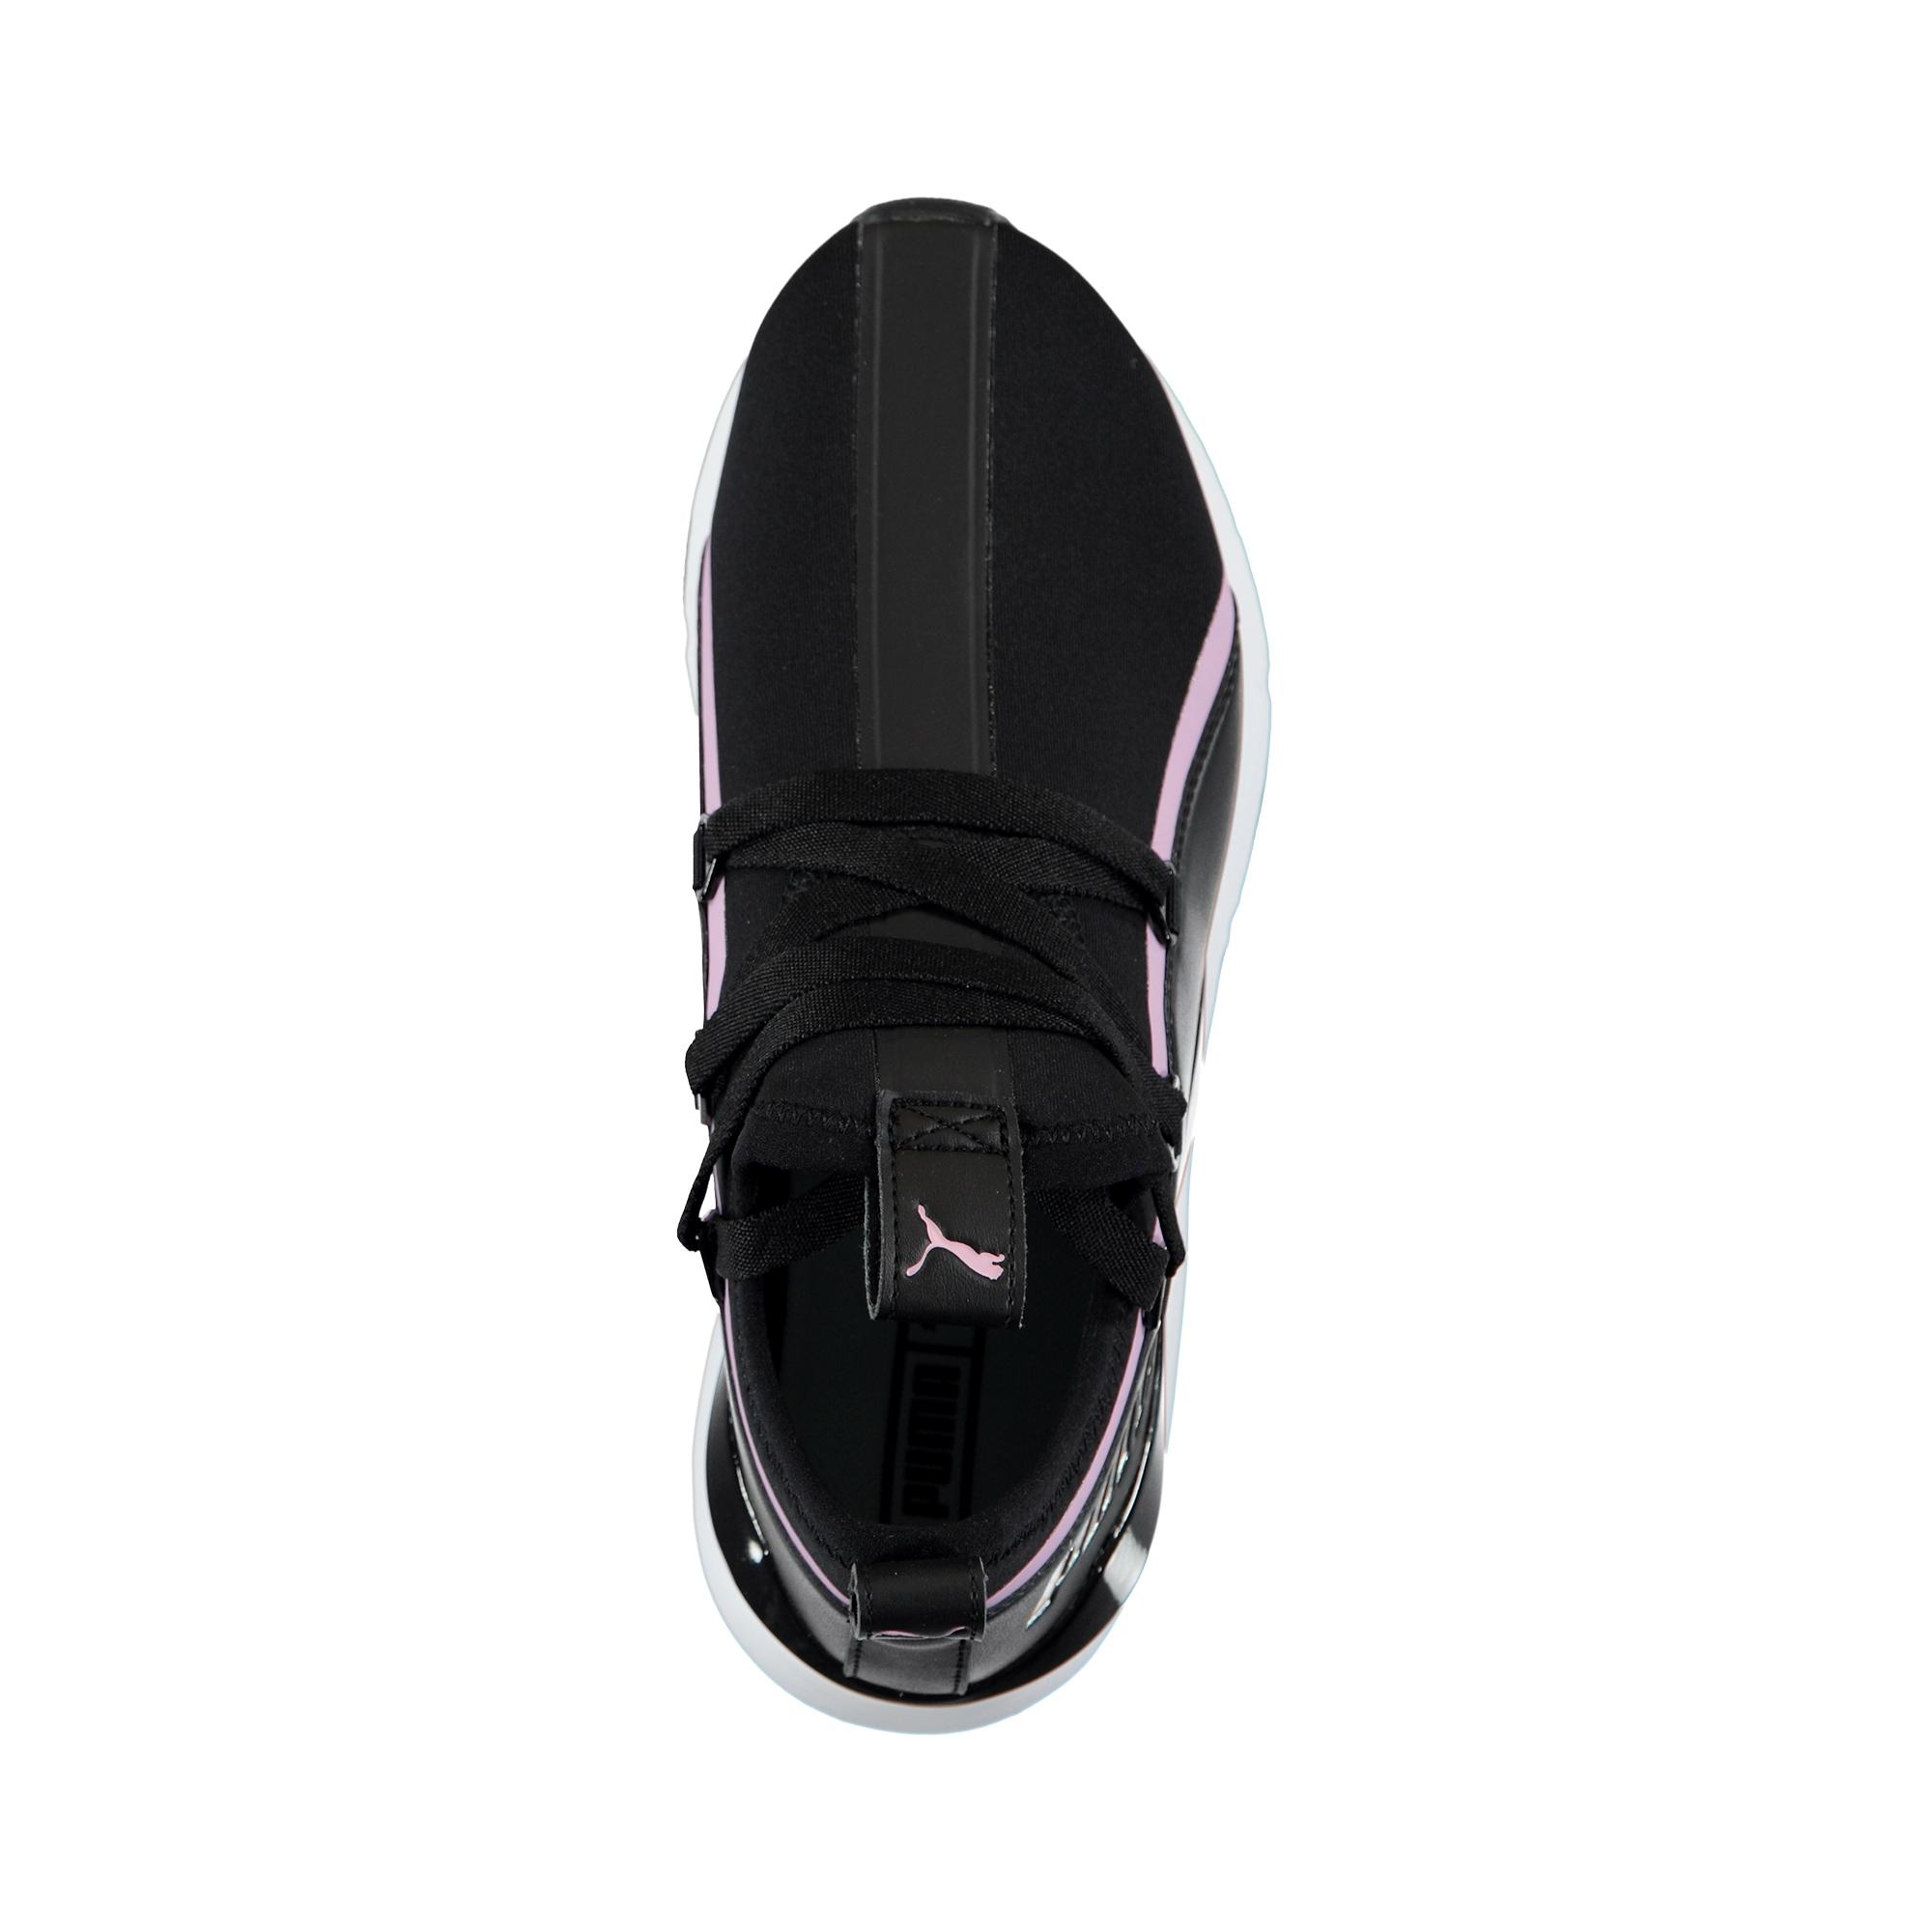 Puma Muse 2 Tz Kadın Siyah Spor Ayakkabı